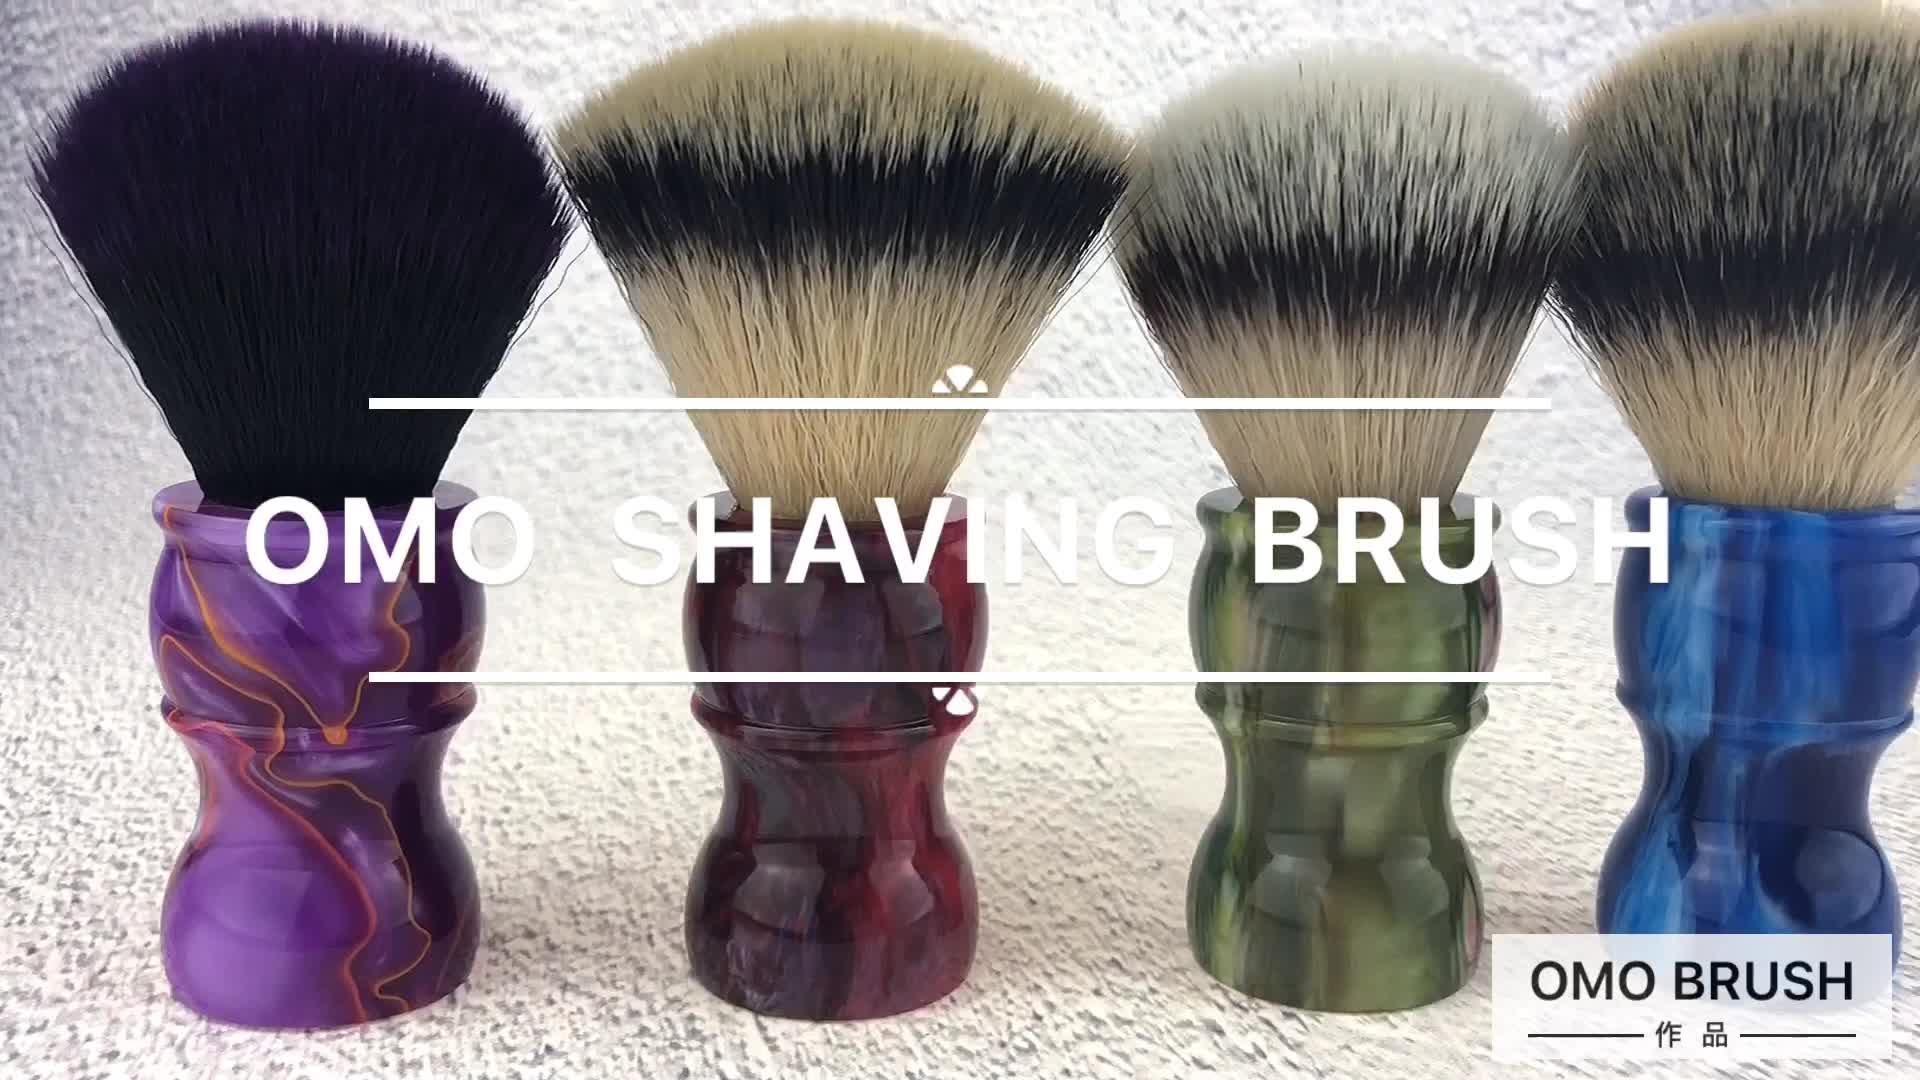 OUMO- ราคาโรงงานผมสังเคราะห์ 3 สีเรซิ่นจับแปรงโกนหนวดด้วยการออกแบบที่สวยงามขายส่ง